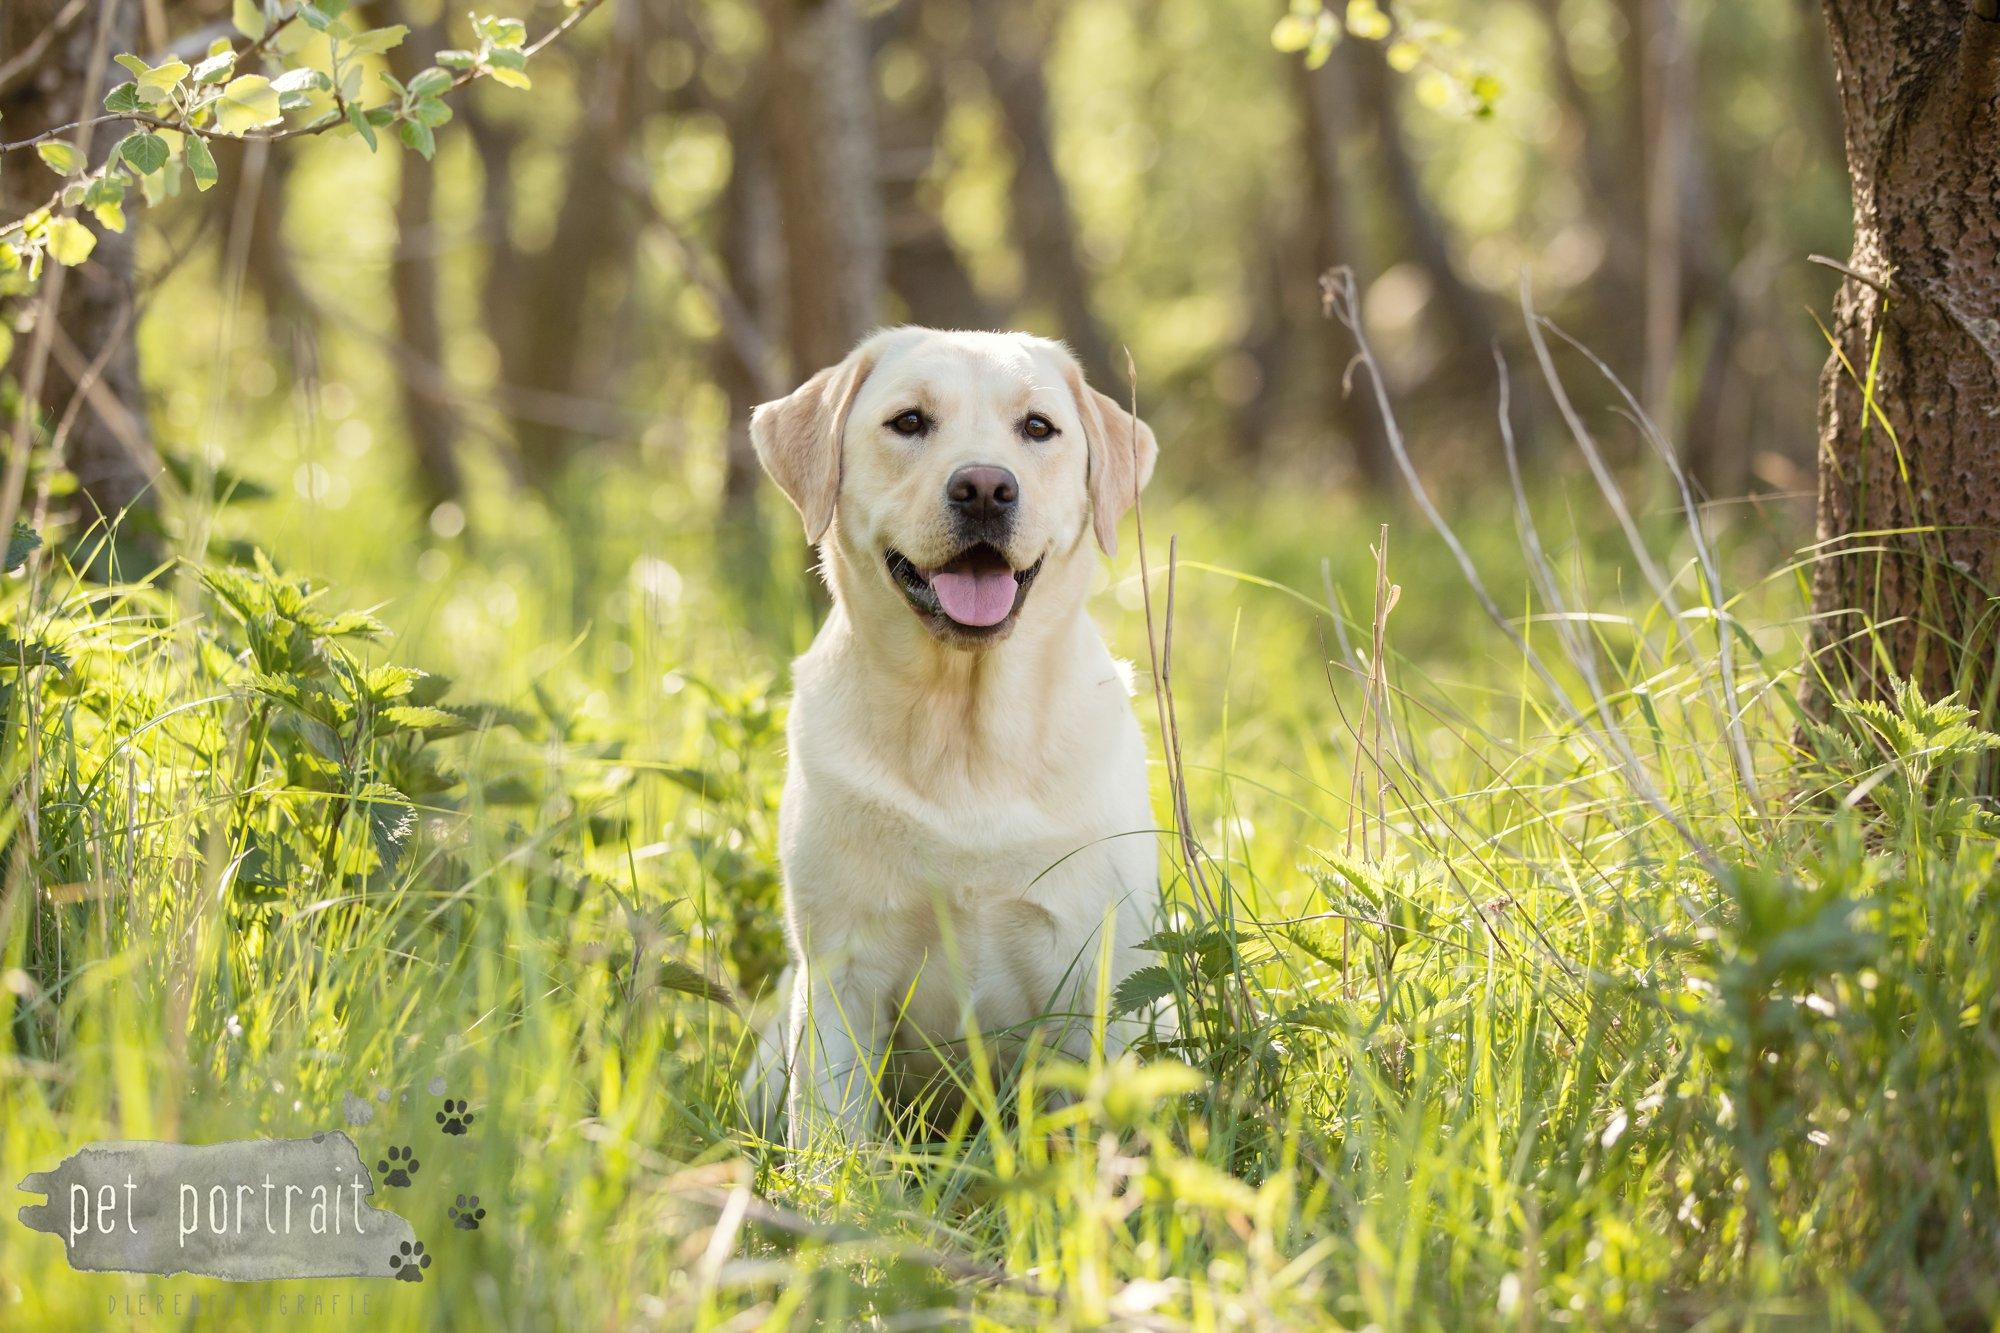 Hondenfotograaf Wassenaar - Beloved Dier en Baasje fotoshoot in de duinen-8